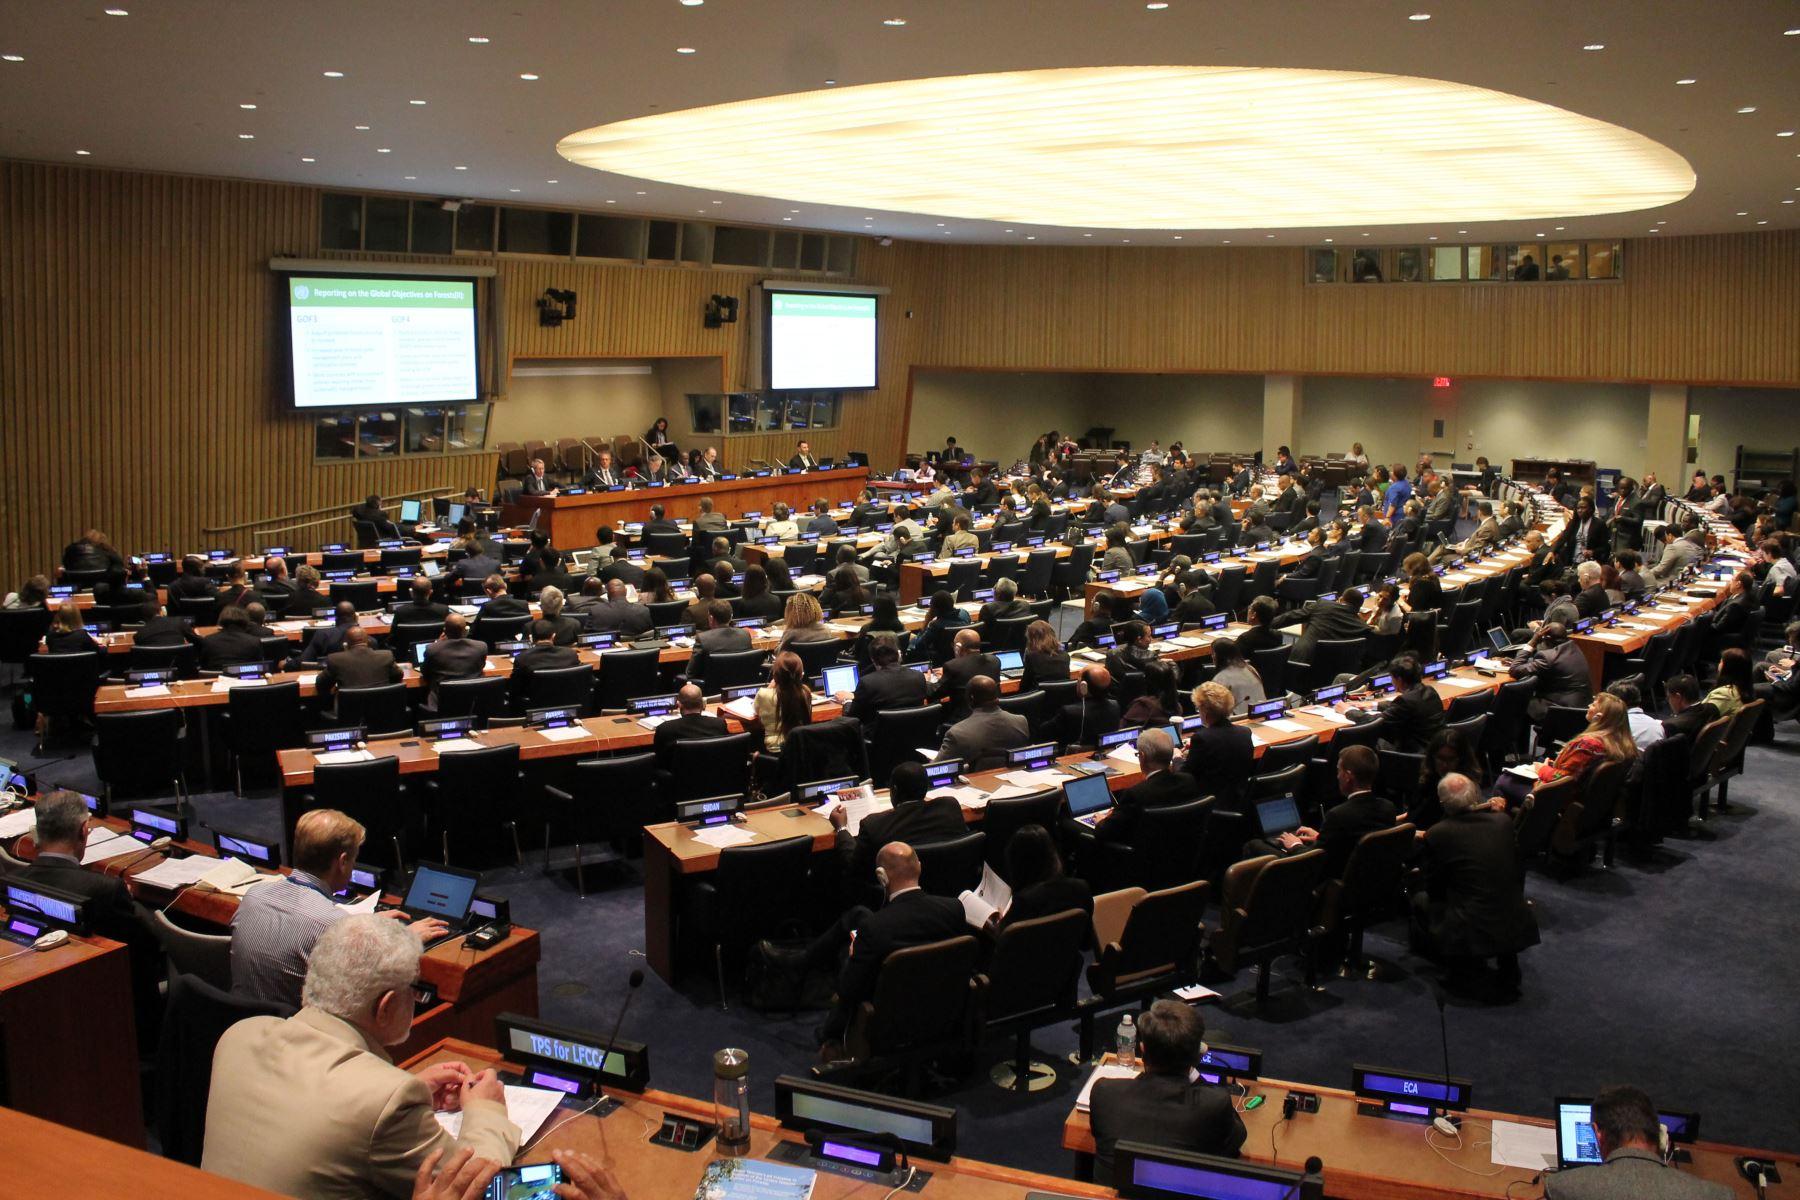 Reunión de las Naciones Unidas sobre bosques.